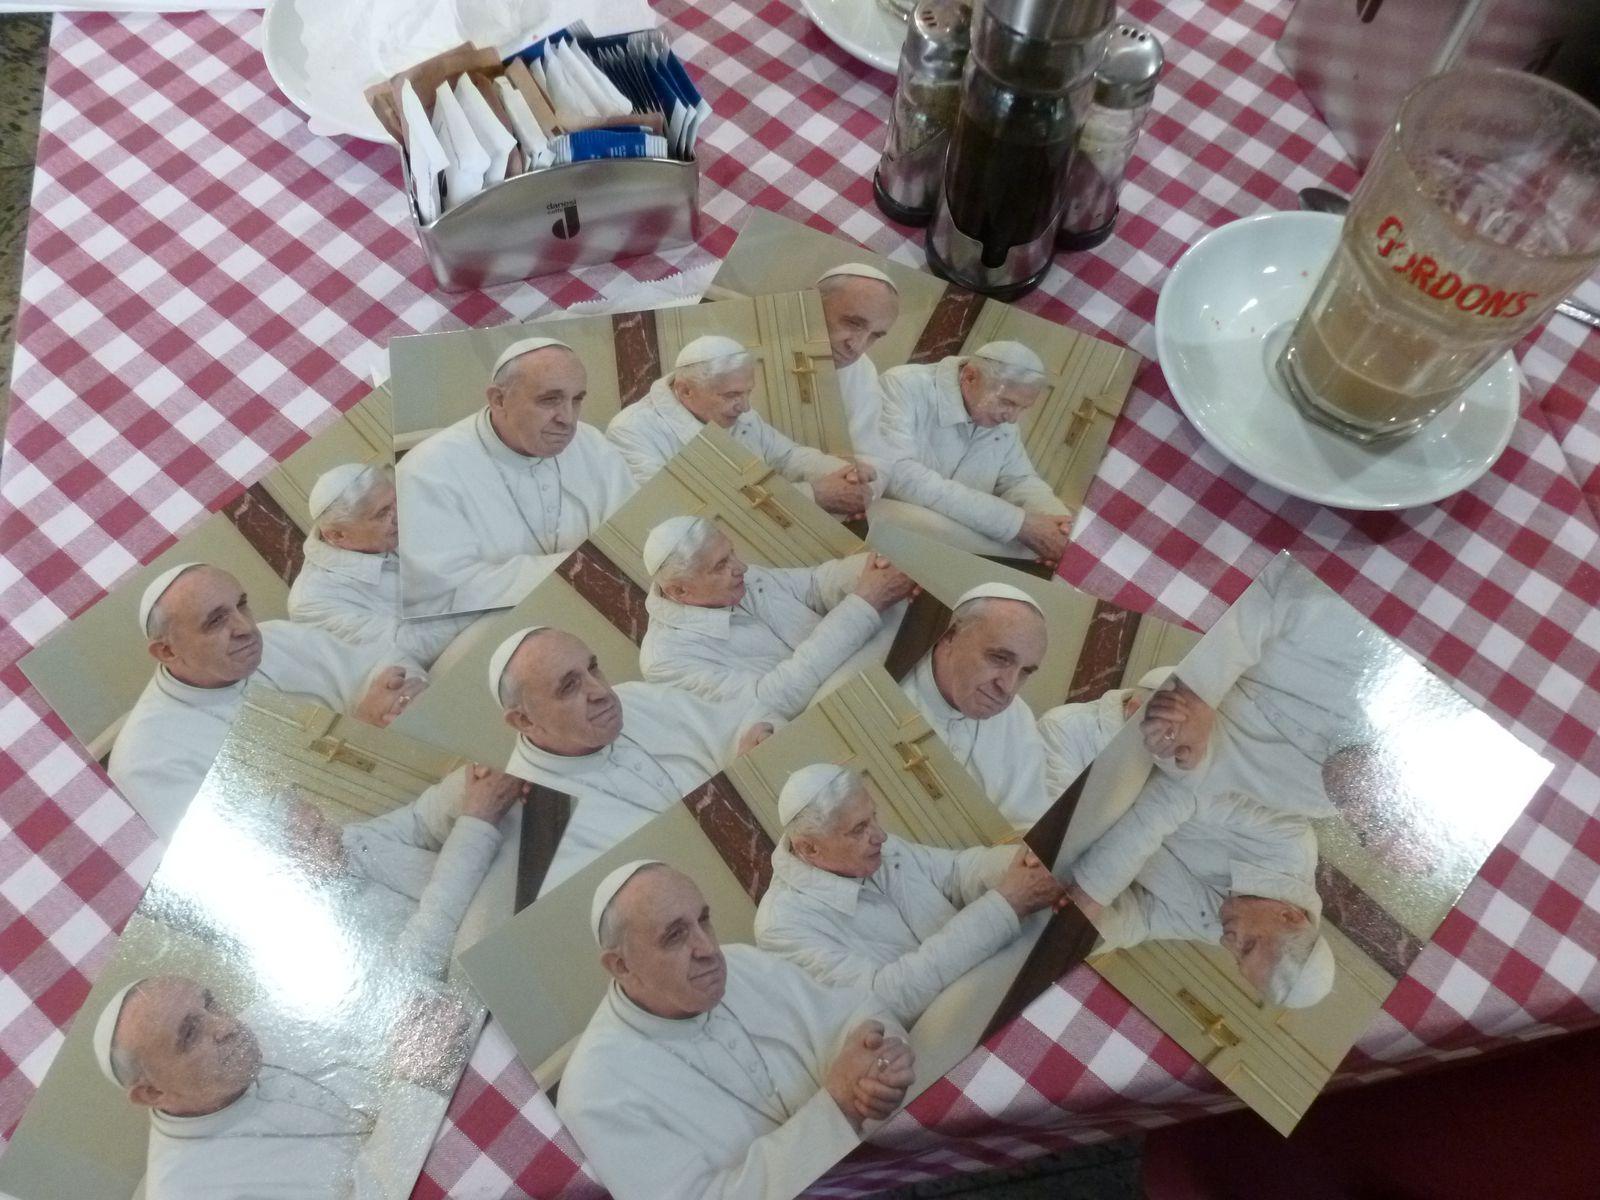 """Cité du Vatican :l' obligatoire """"pensum des cartes postales"""" se terminera par le miracle de la multiplication des Papes et des Sous-Papes pour le Mécréant d'Ar Minic'hi. Amen !"""